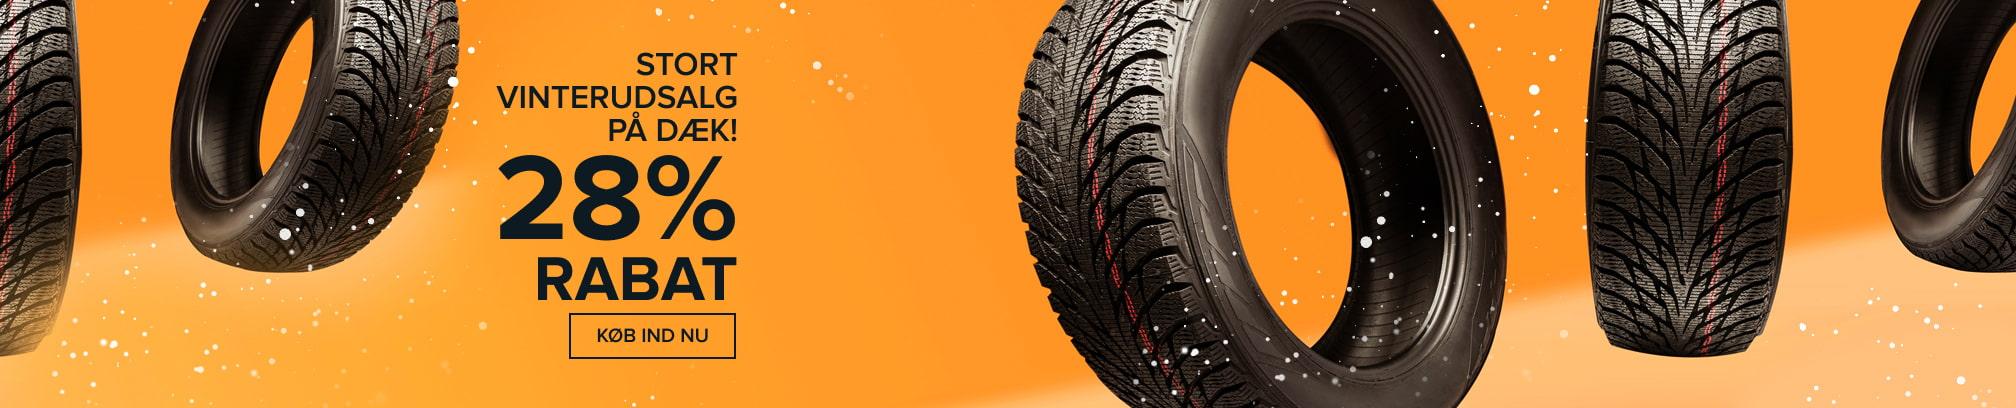 Stort vinterudsalg på dæk! 28% RABAT - Køb ind nu!